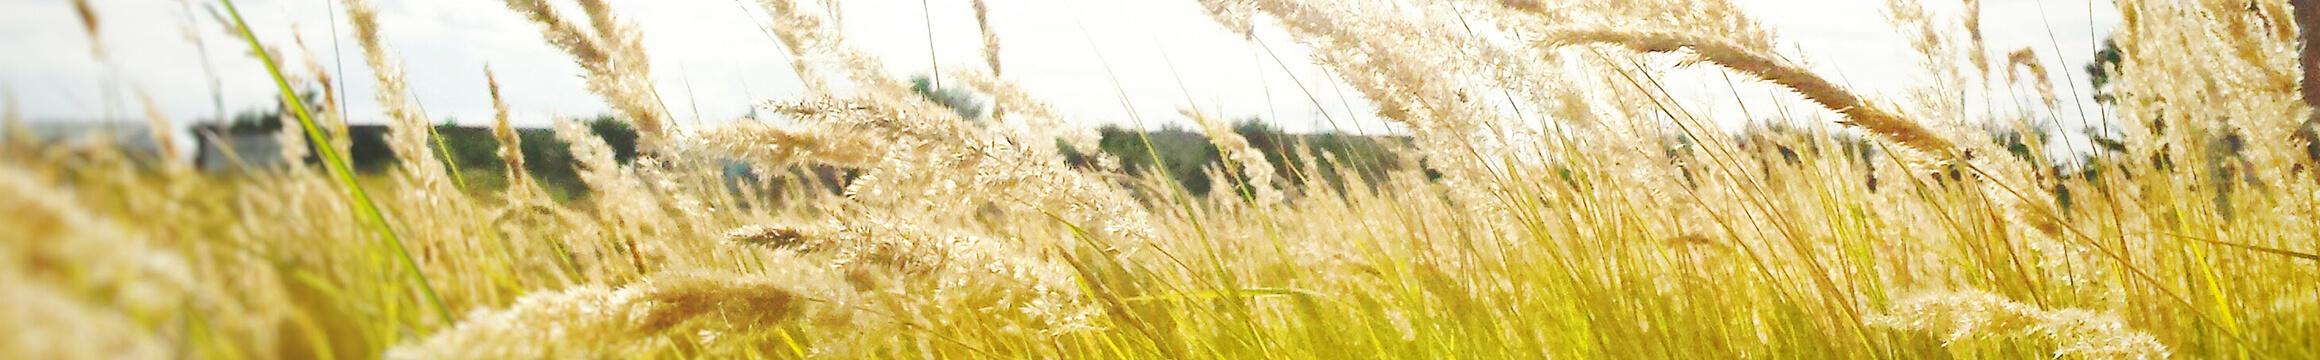 Rural 07